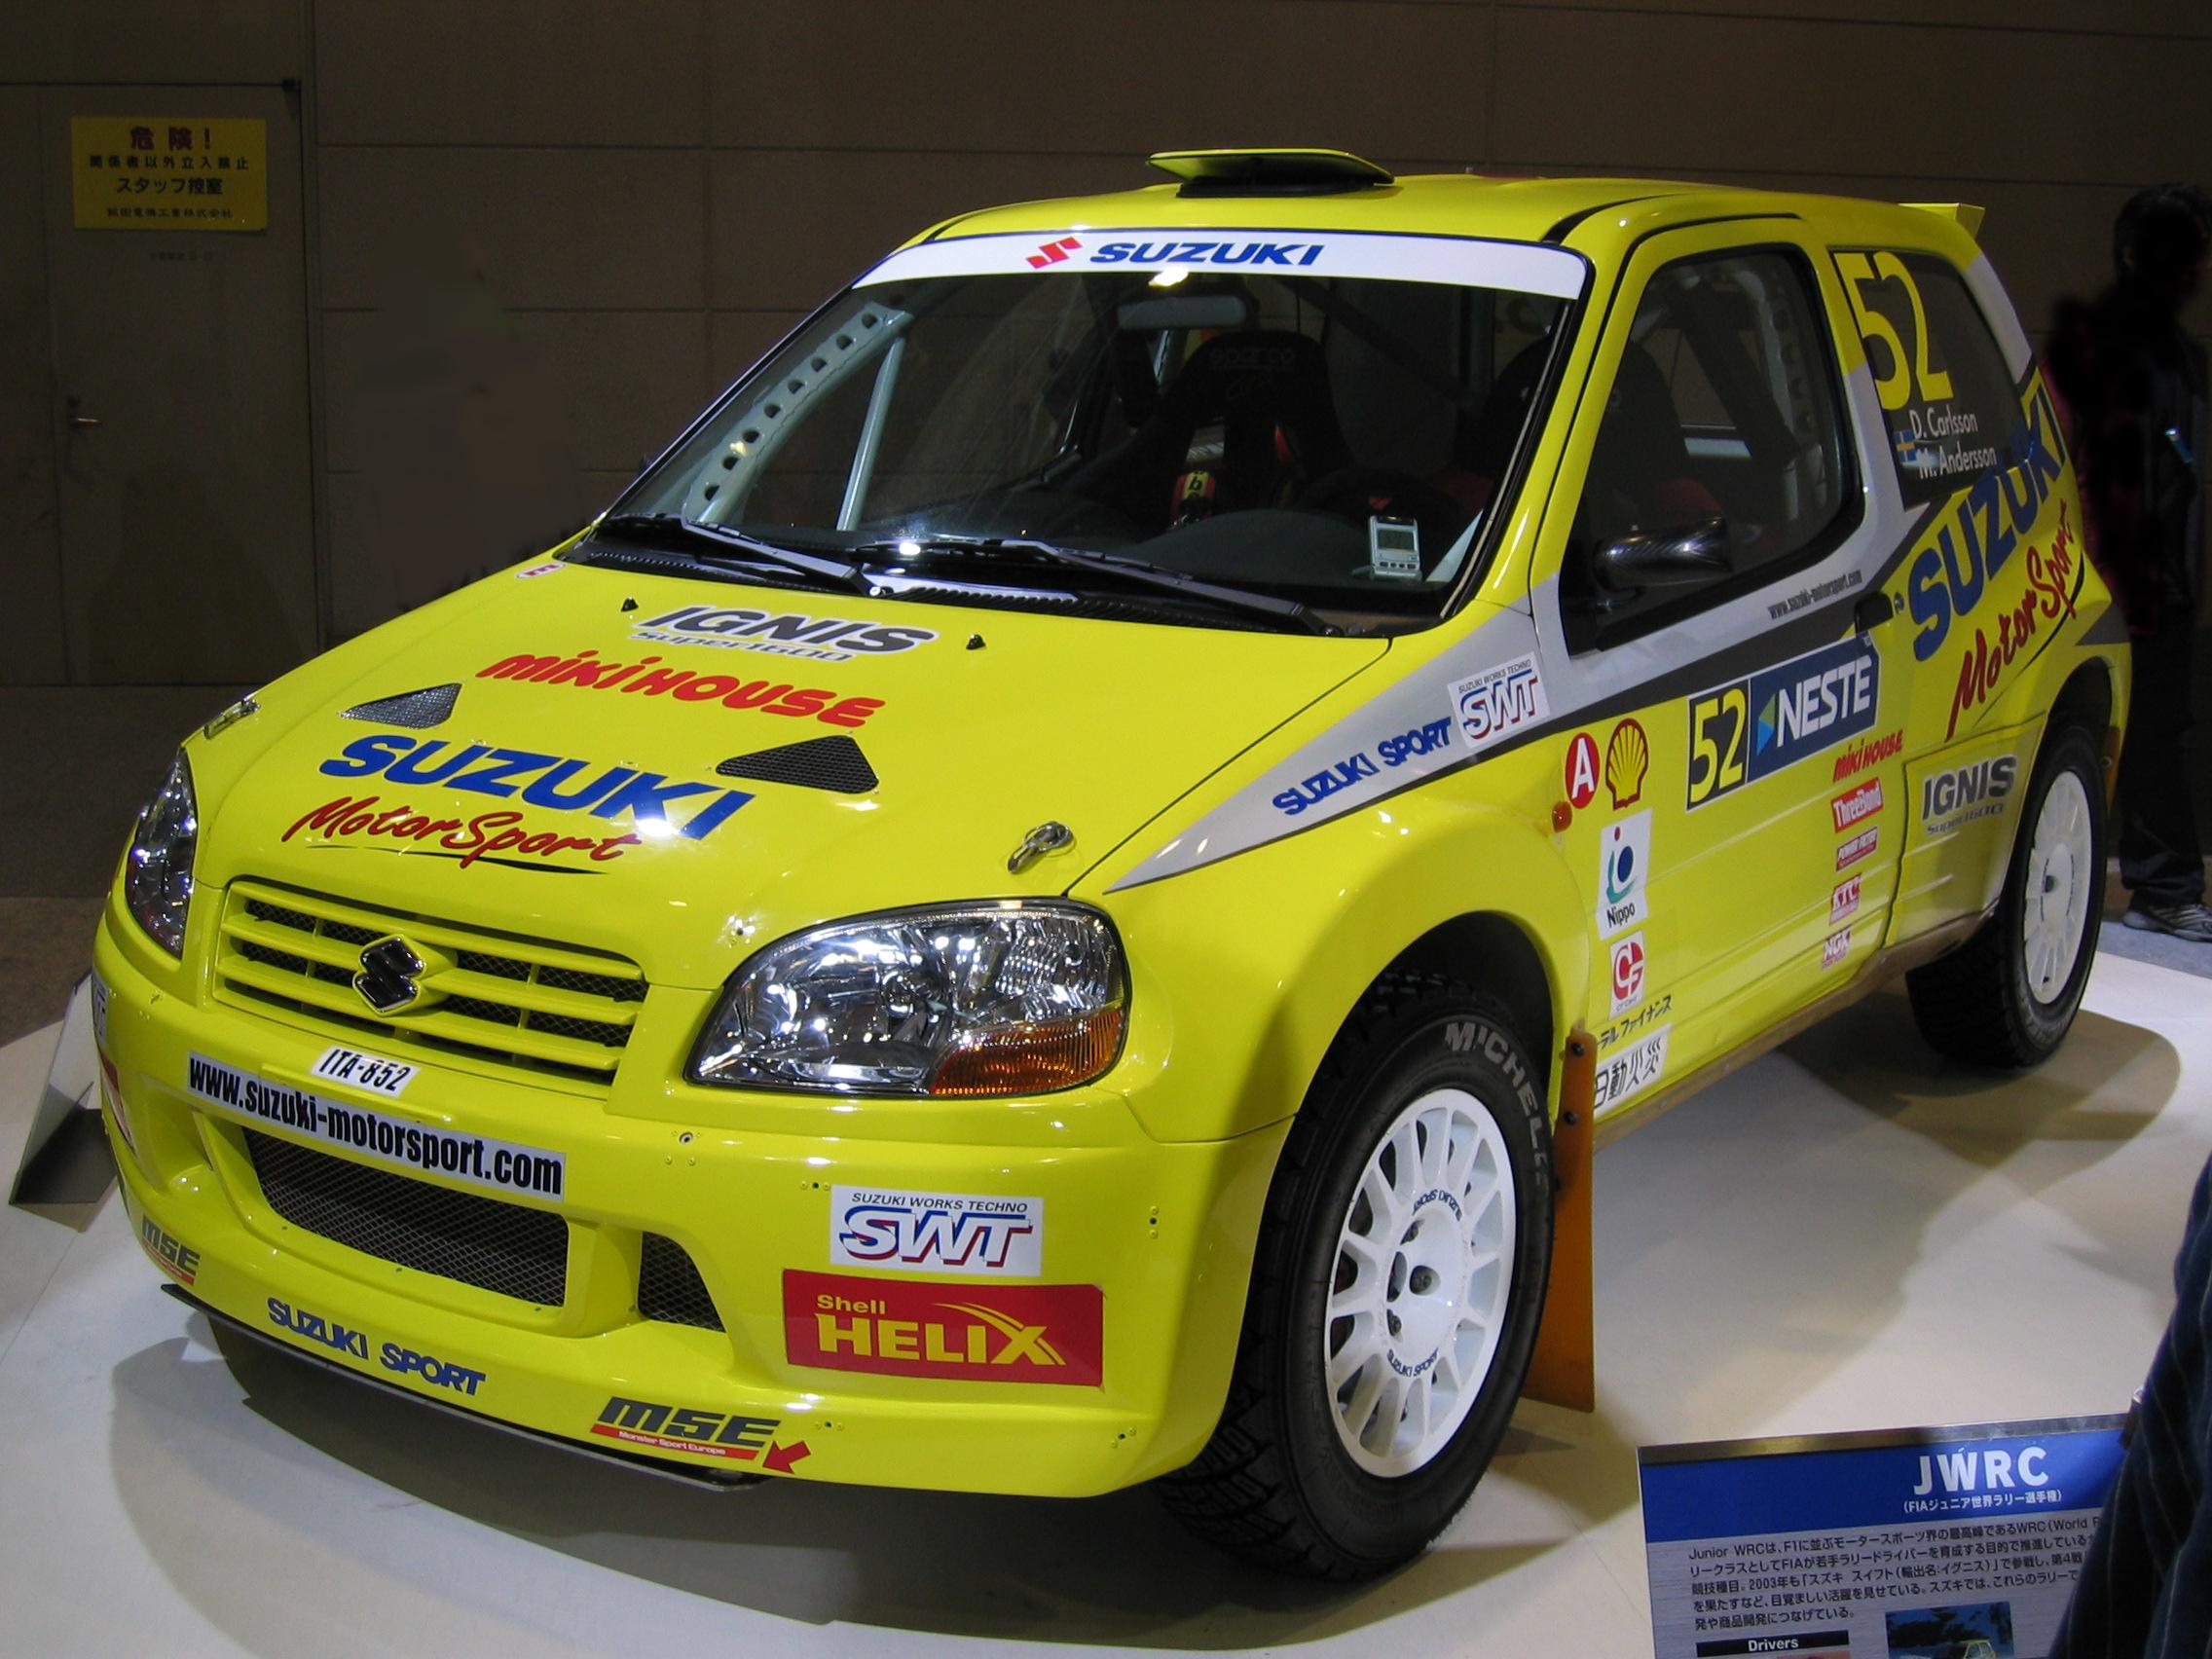 Suzuki_ignis_s1600.jpg